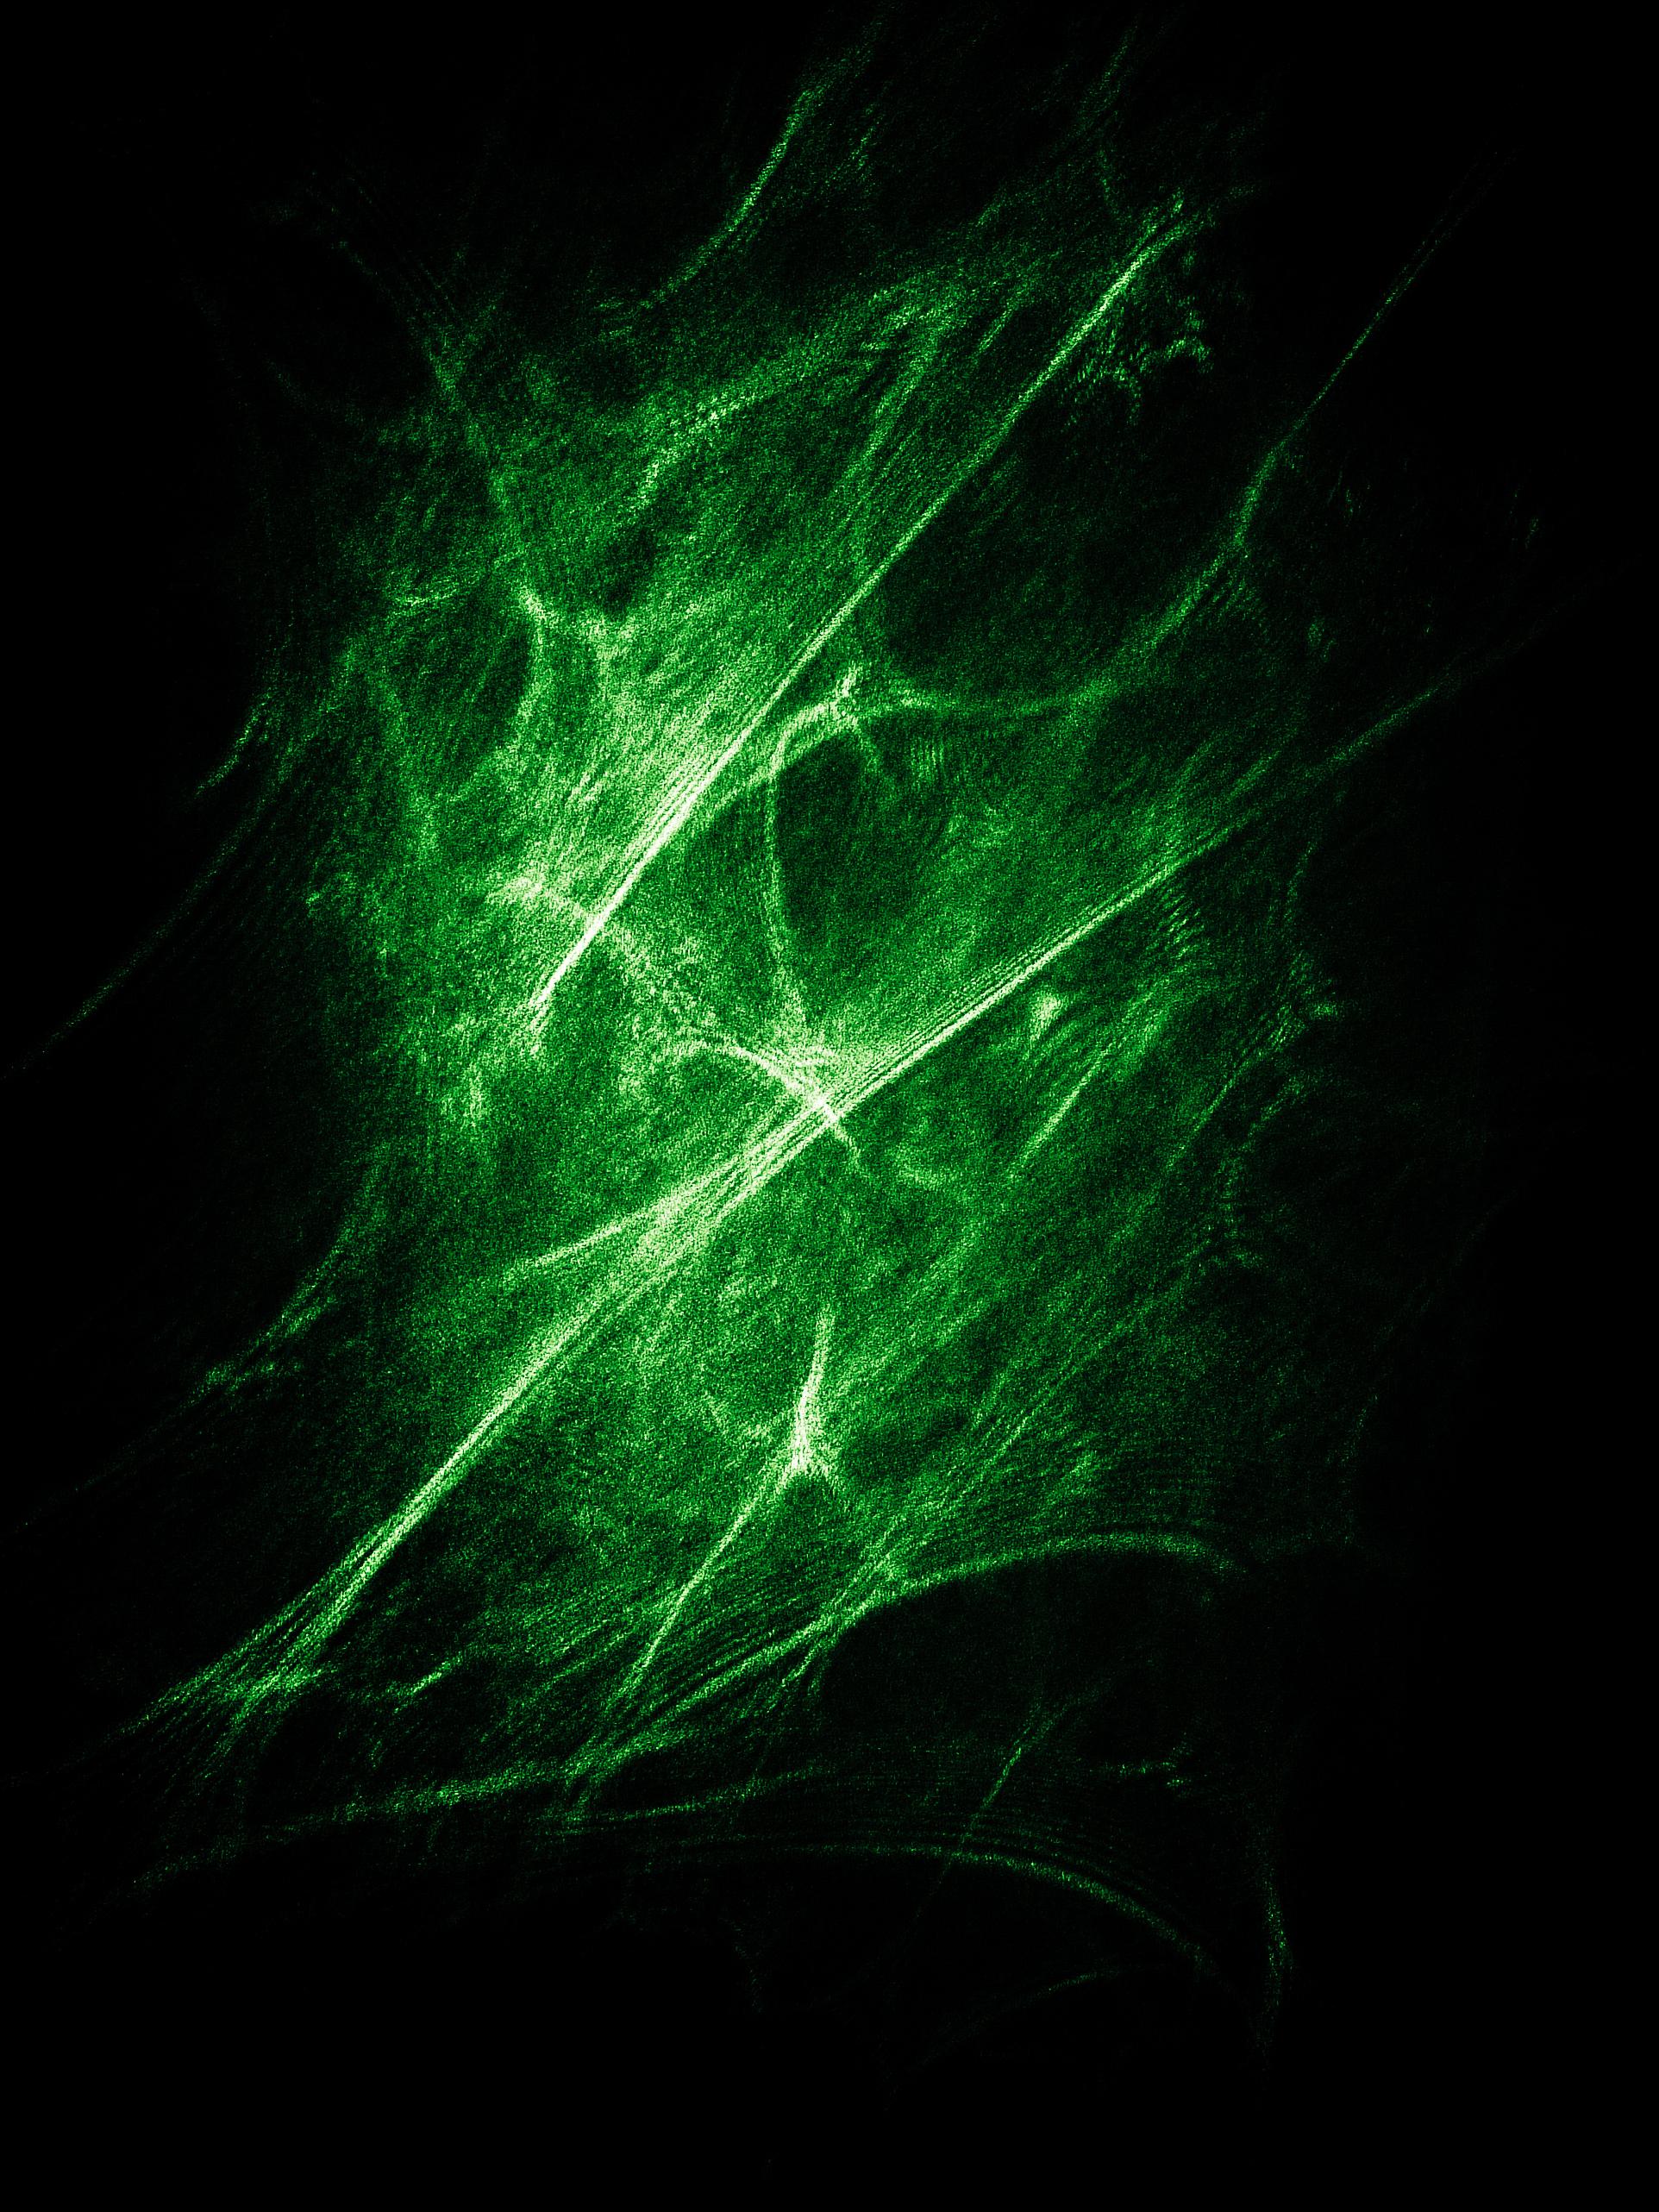 78331 скачать обои Темные, Радиоактивный Свет, Эктоплазма, Зеленый, Блеск - заставки и картинки бесплатно